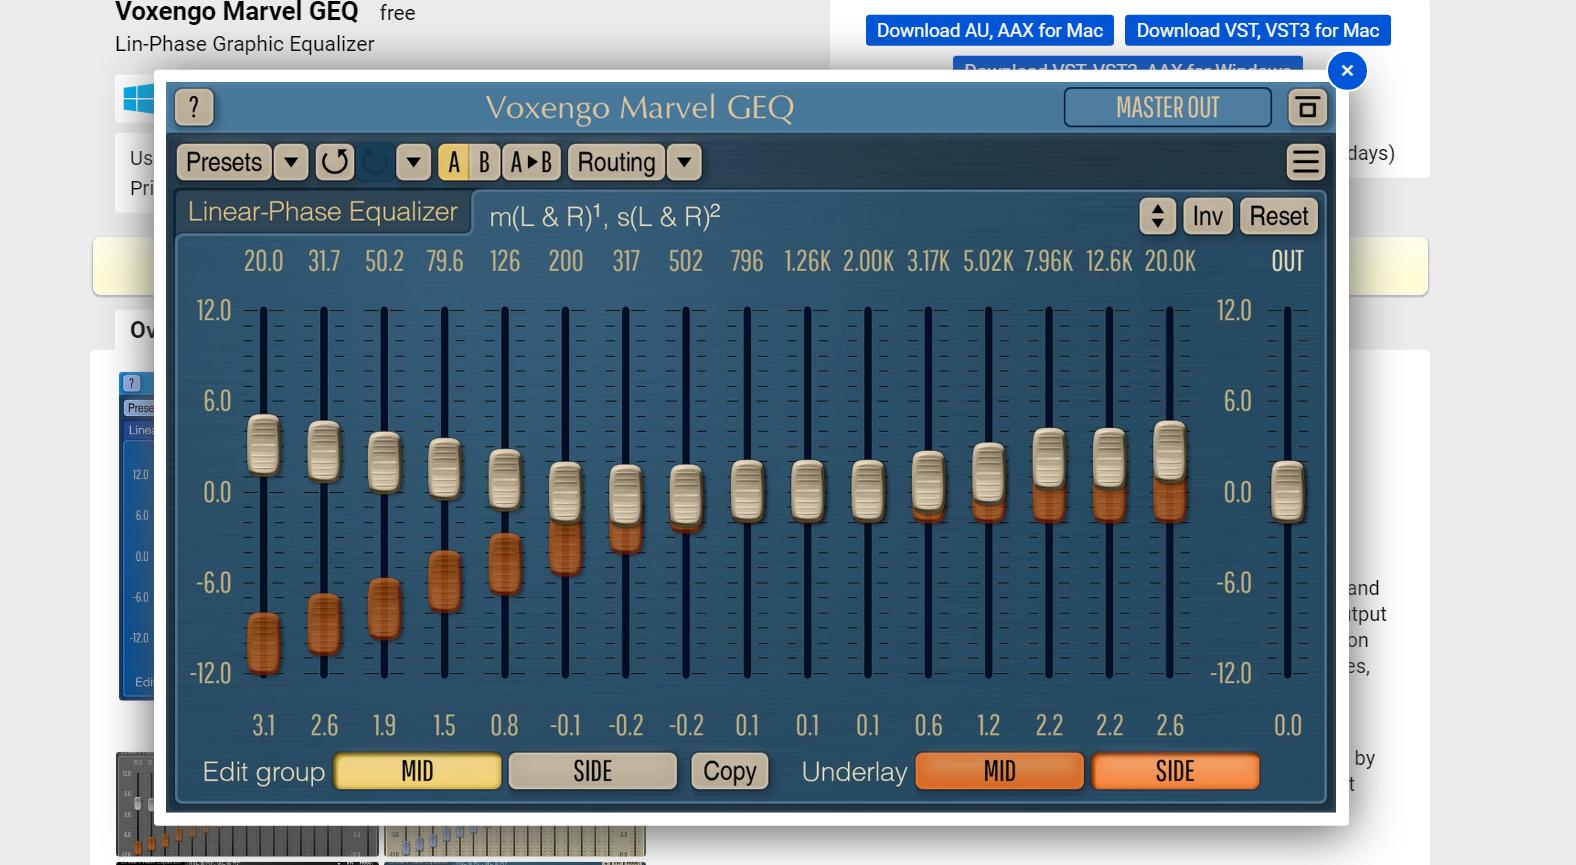 5 migliori tools per mastering audio